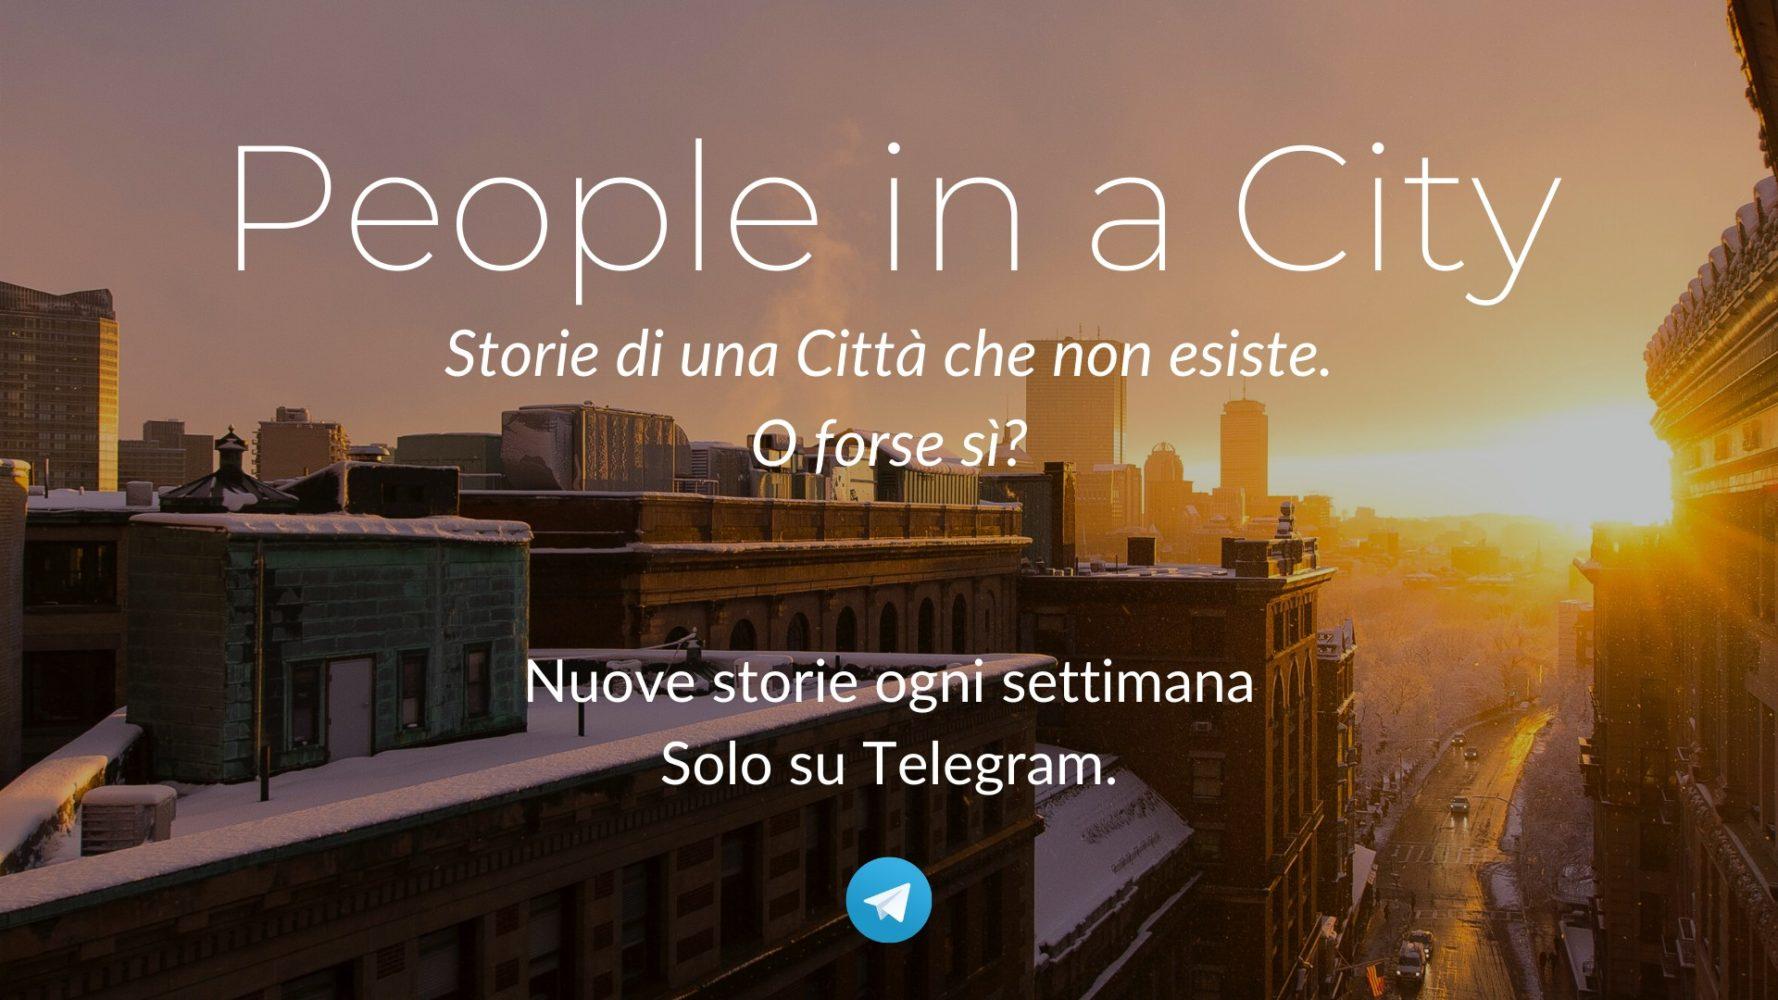 Copertina del canale telegram di People in a City